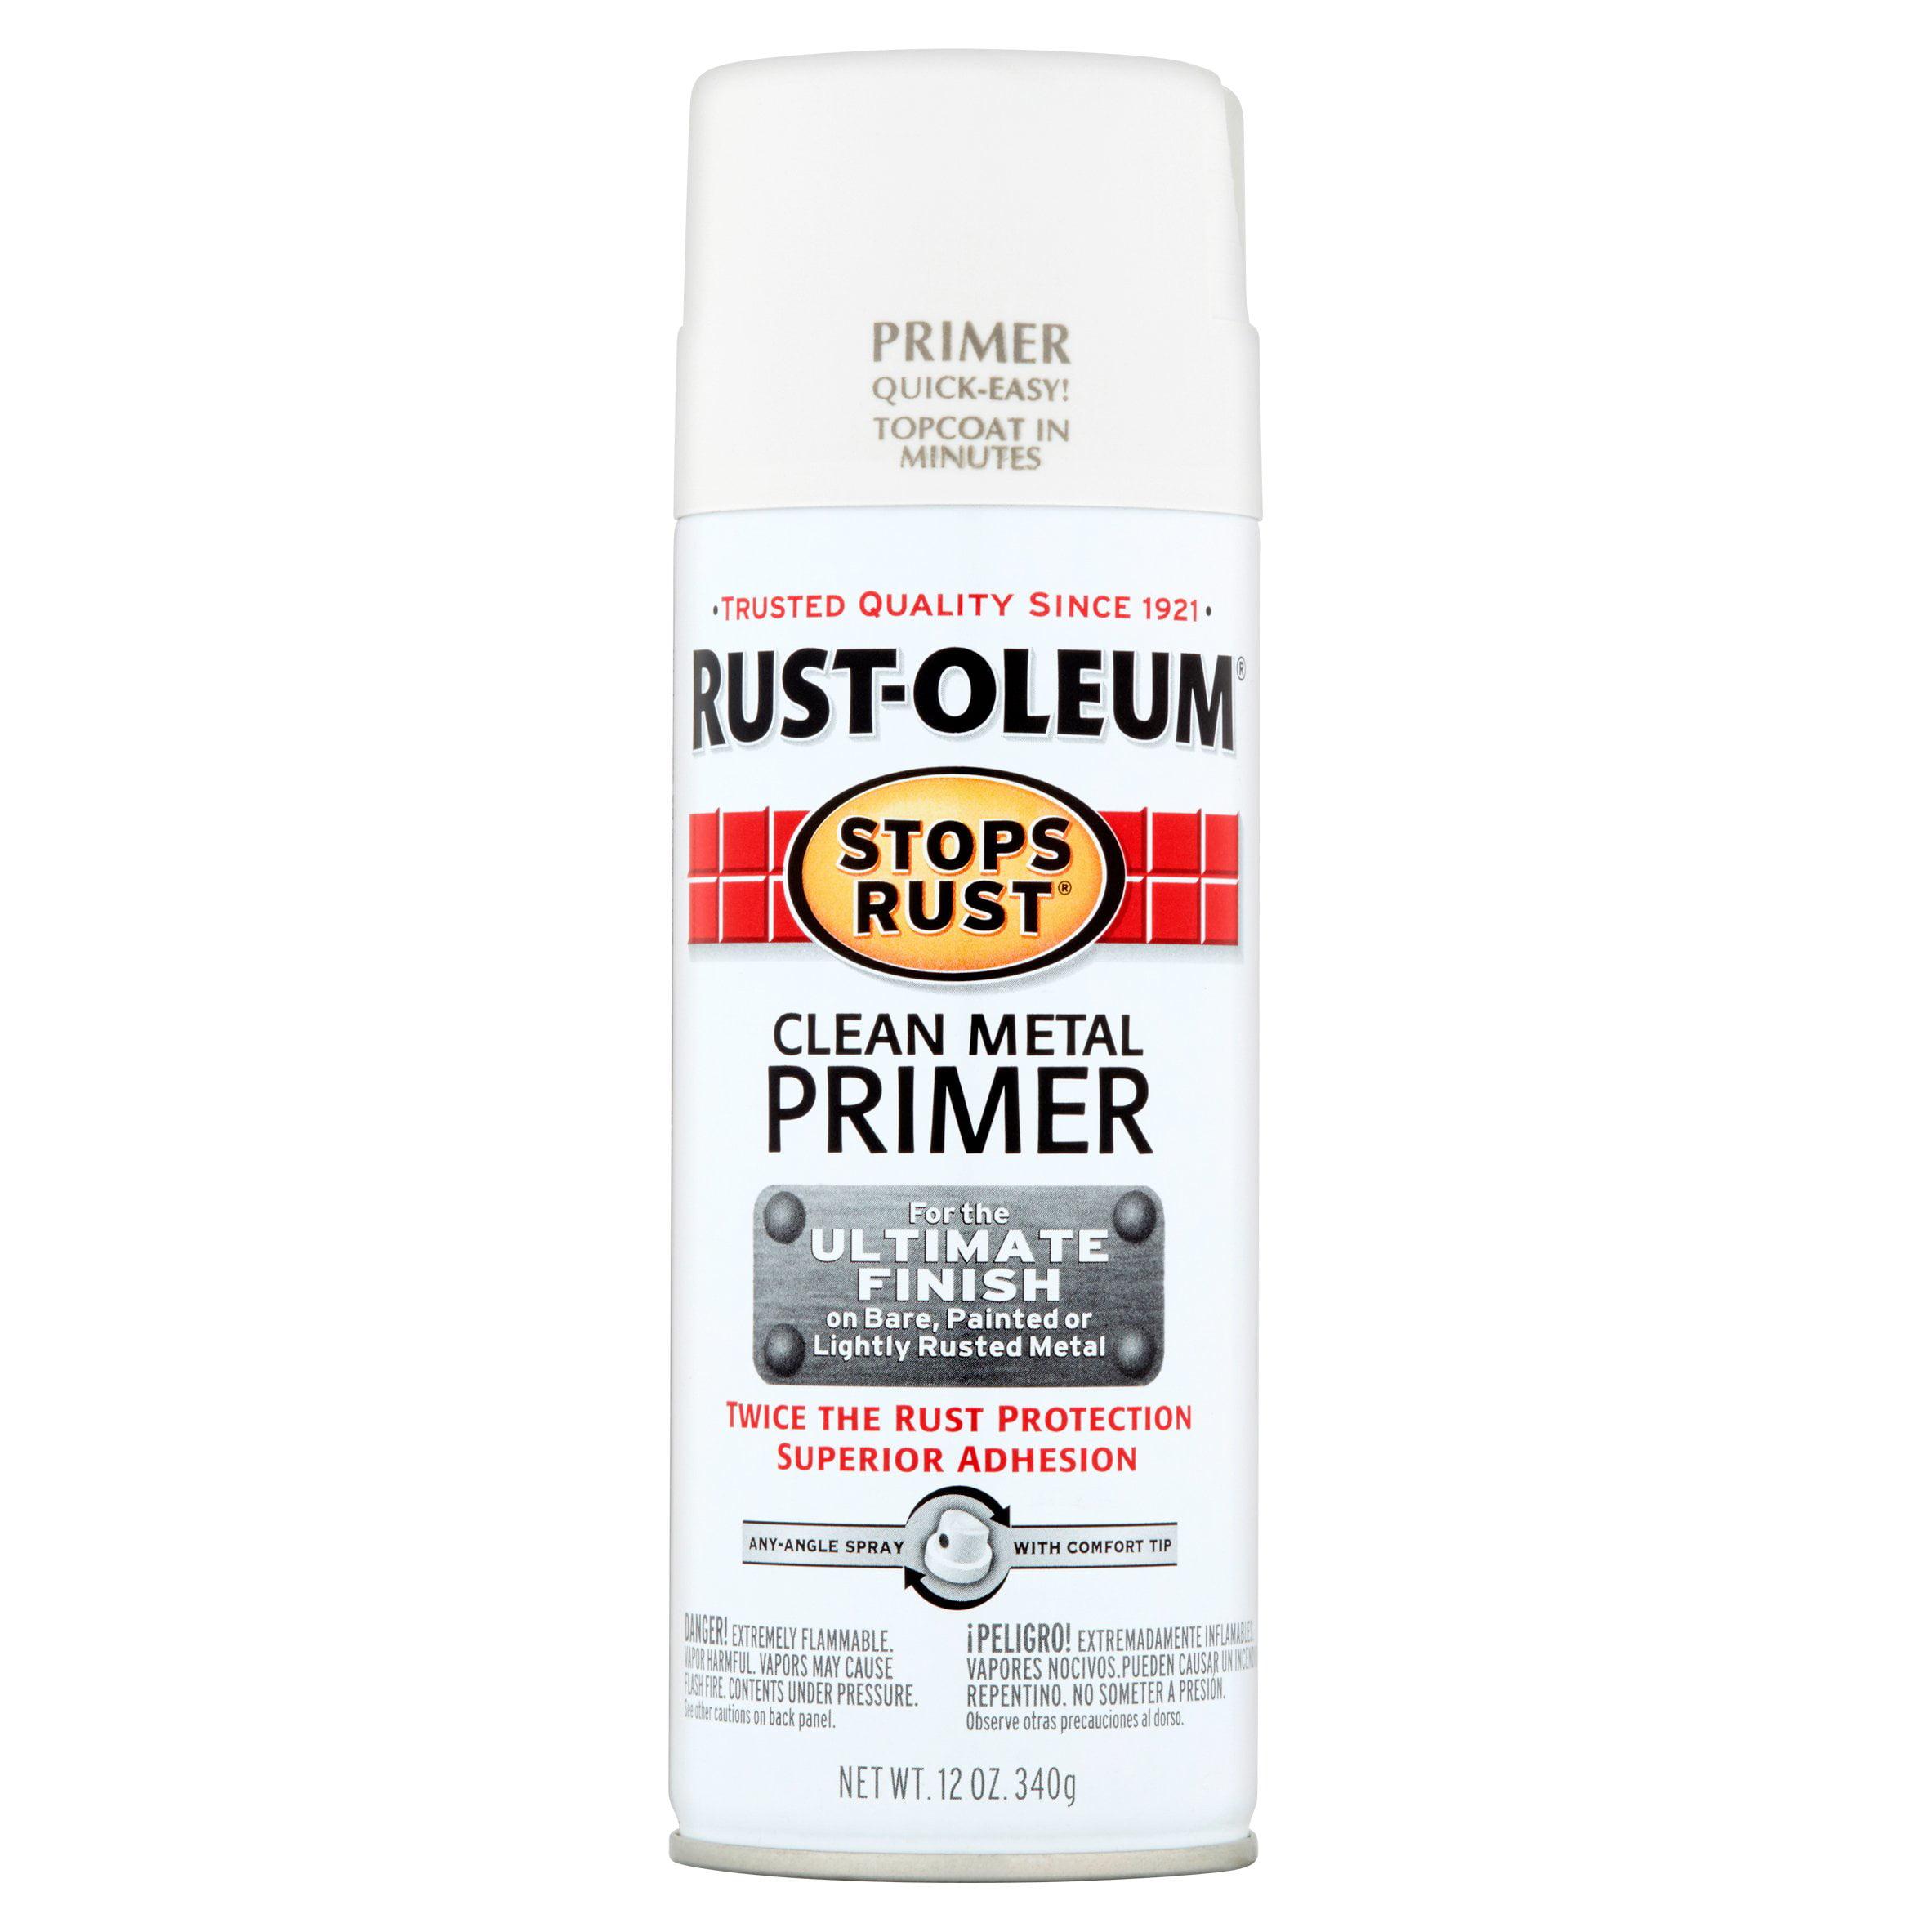 Rust-Oleum Stops Rust Clean Metal Primer Spray, 12 oz